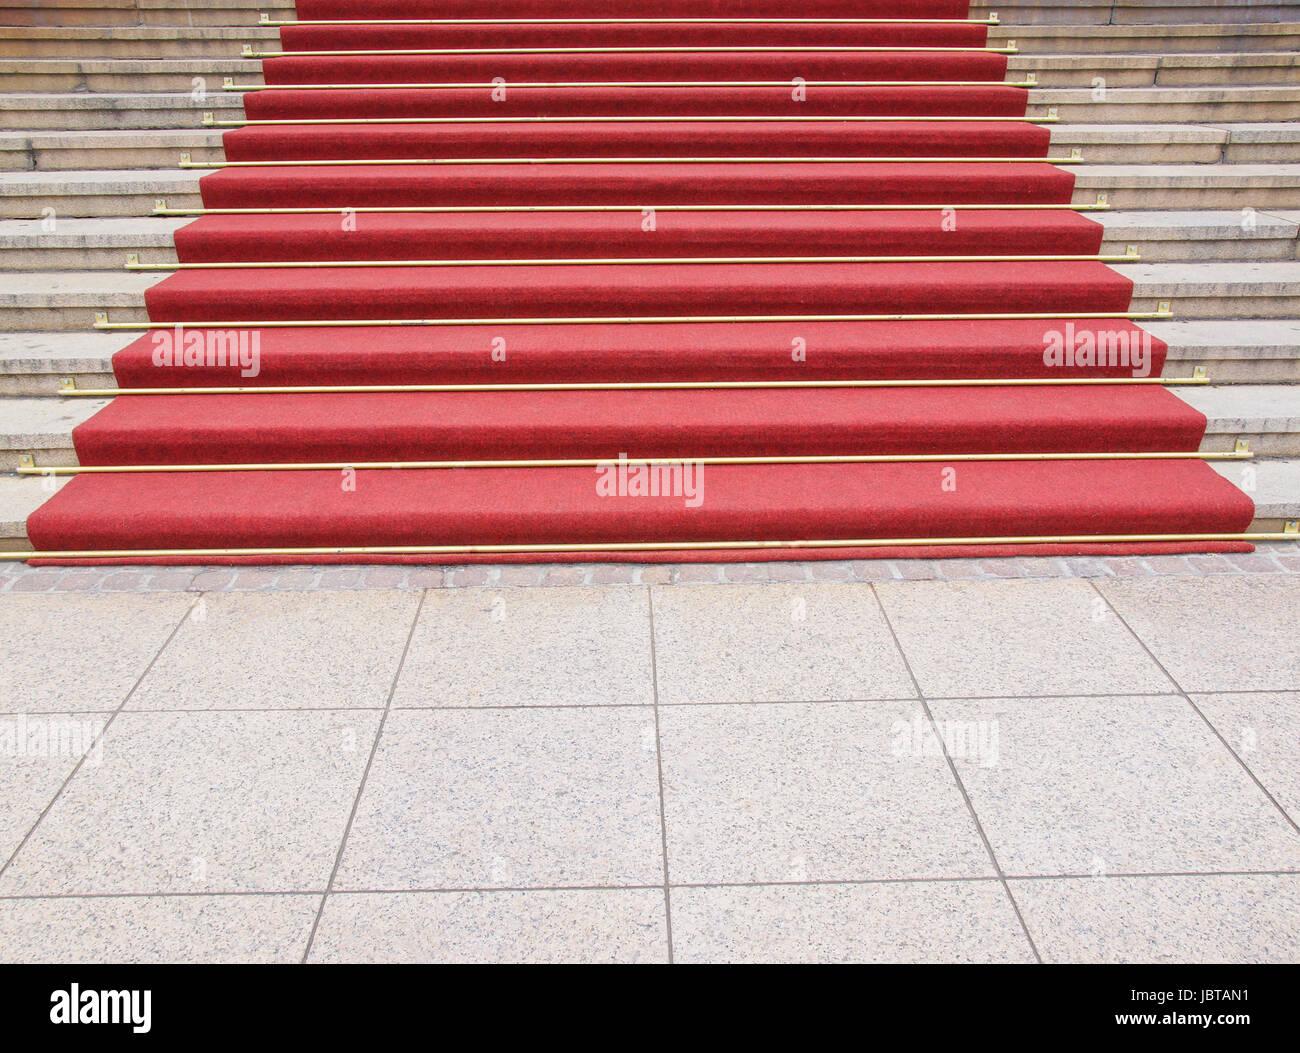 roter teppich auf einer treppe benutzt um die route der staatsoberh upter vips und prominente. Black Bedroom Furniture Sets. Home Design Ideas